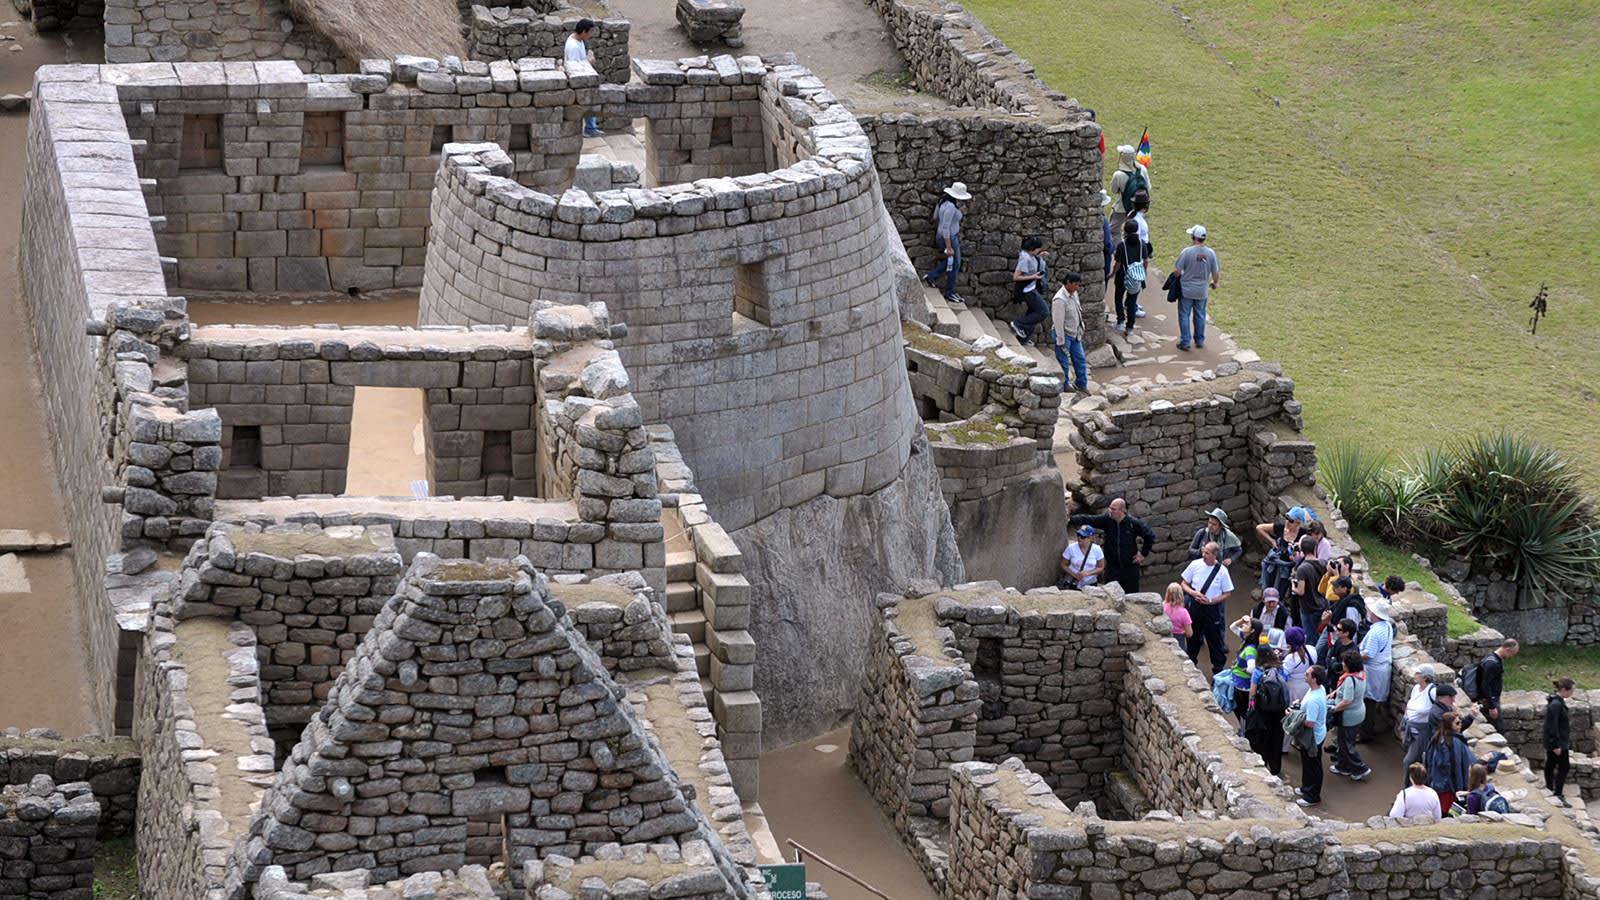 """بعد أن علق في بيرو لـ7 أشهر.. فتح """"ماتشو بيتشو"""" الأثري لسائح واحد"""